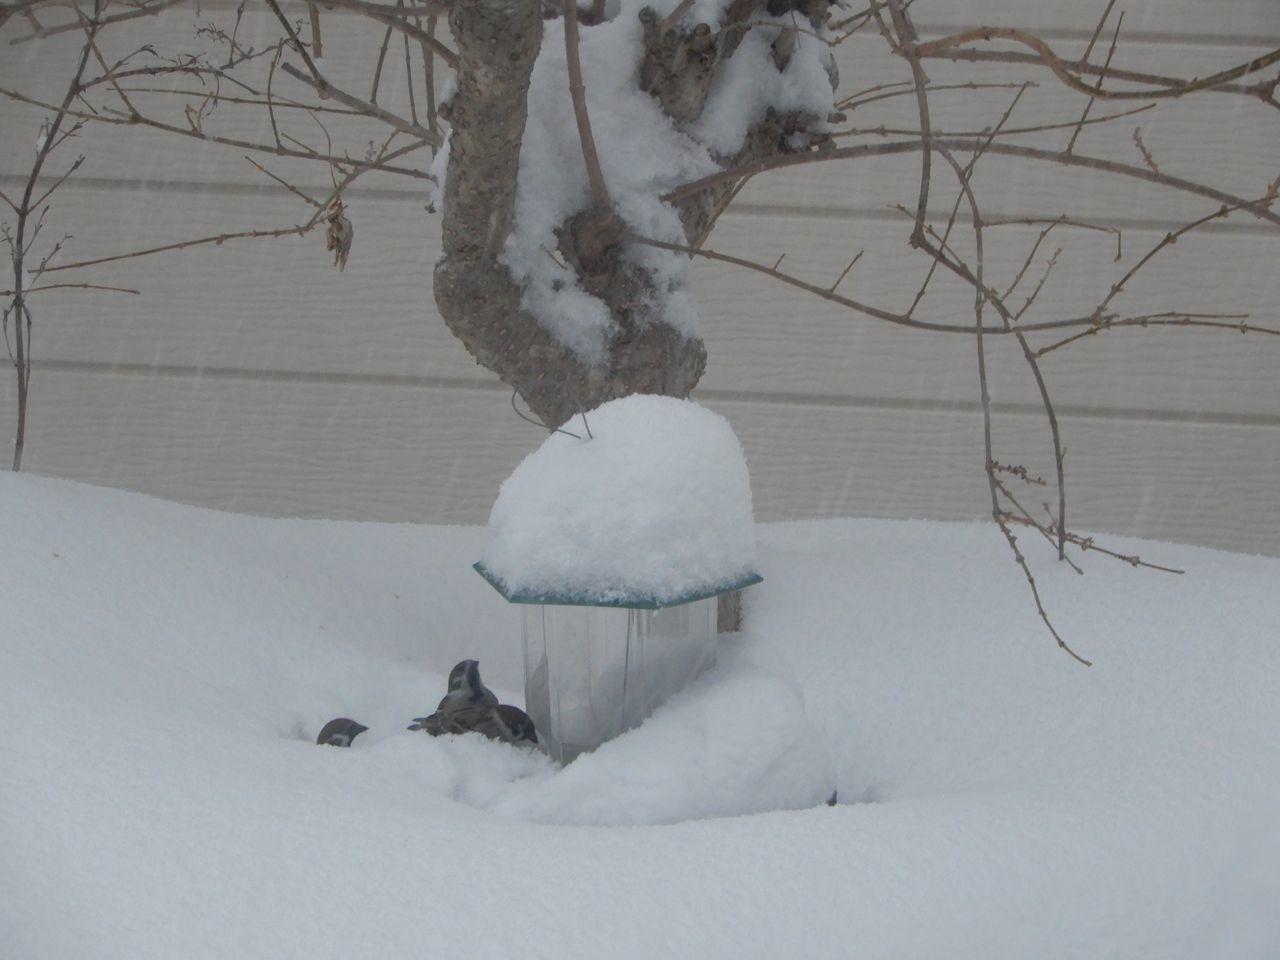 必死で雪を掘って餌を探すスズメ_c0025115_22023282.jpg